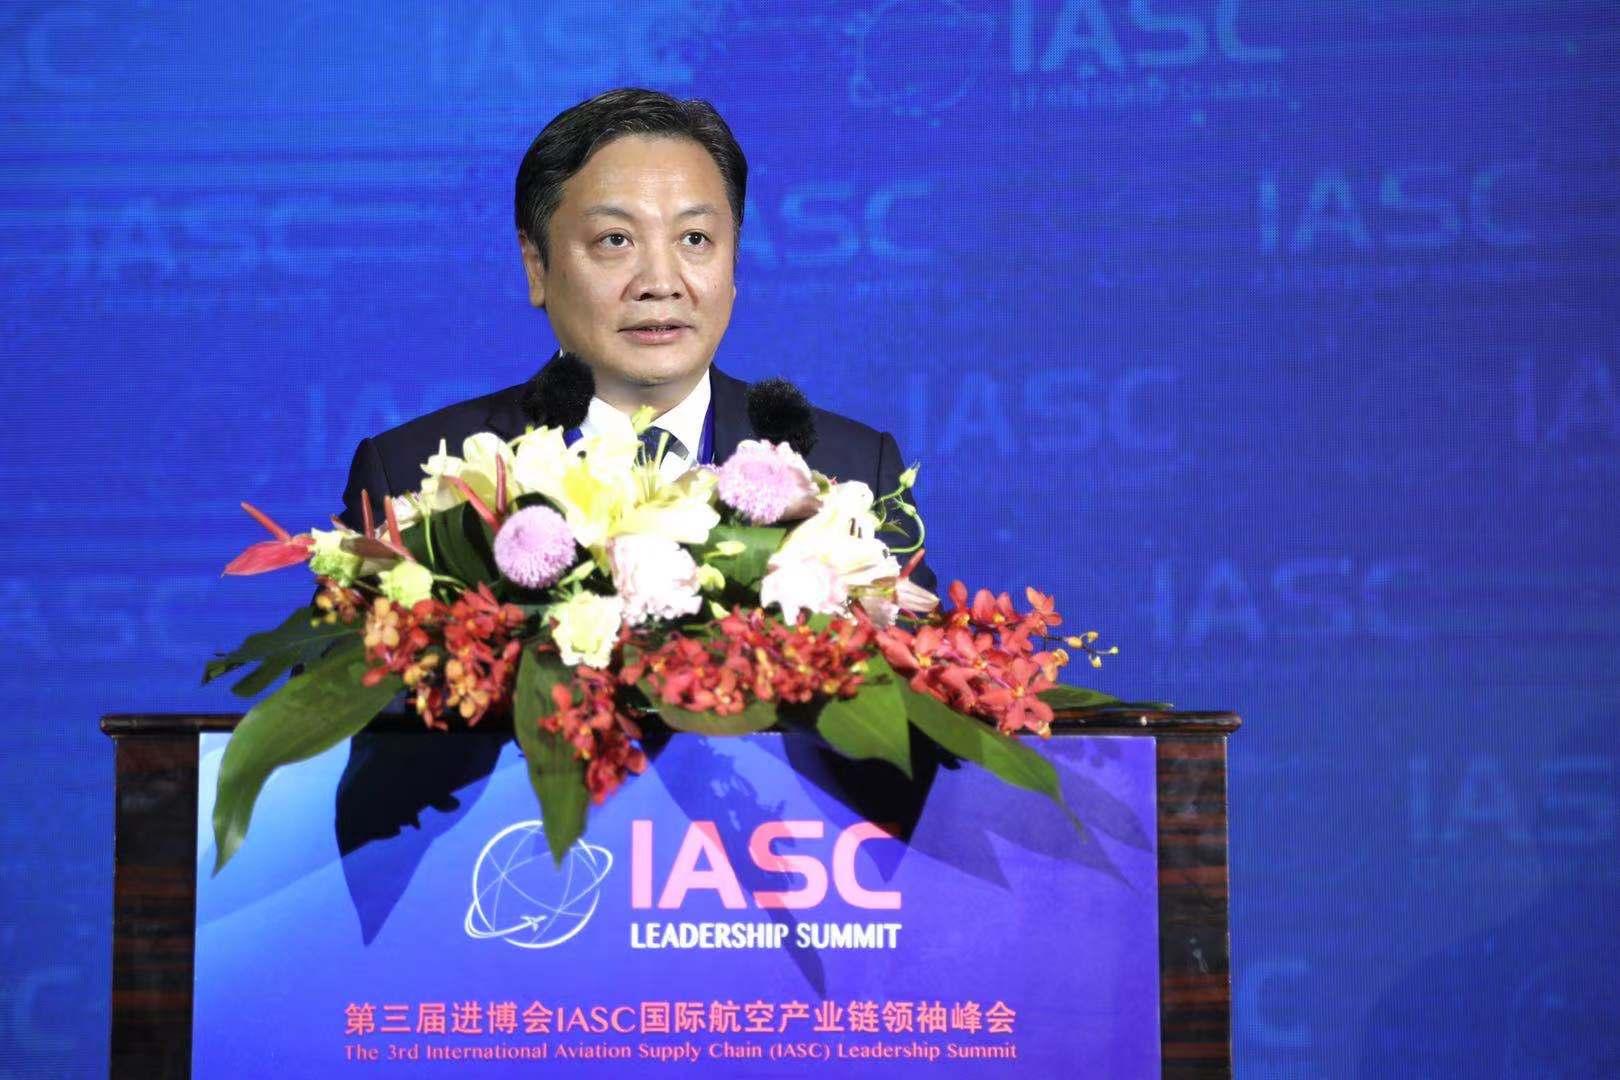 胡伟:为航空产业建好生态圈 杭州有信心也有能力